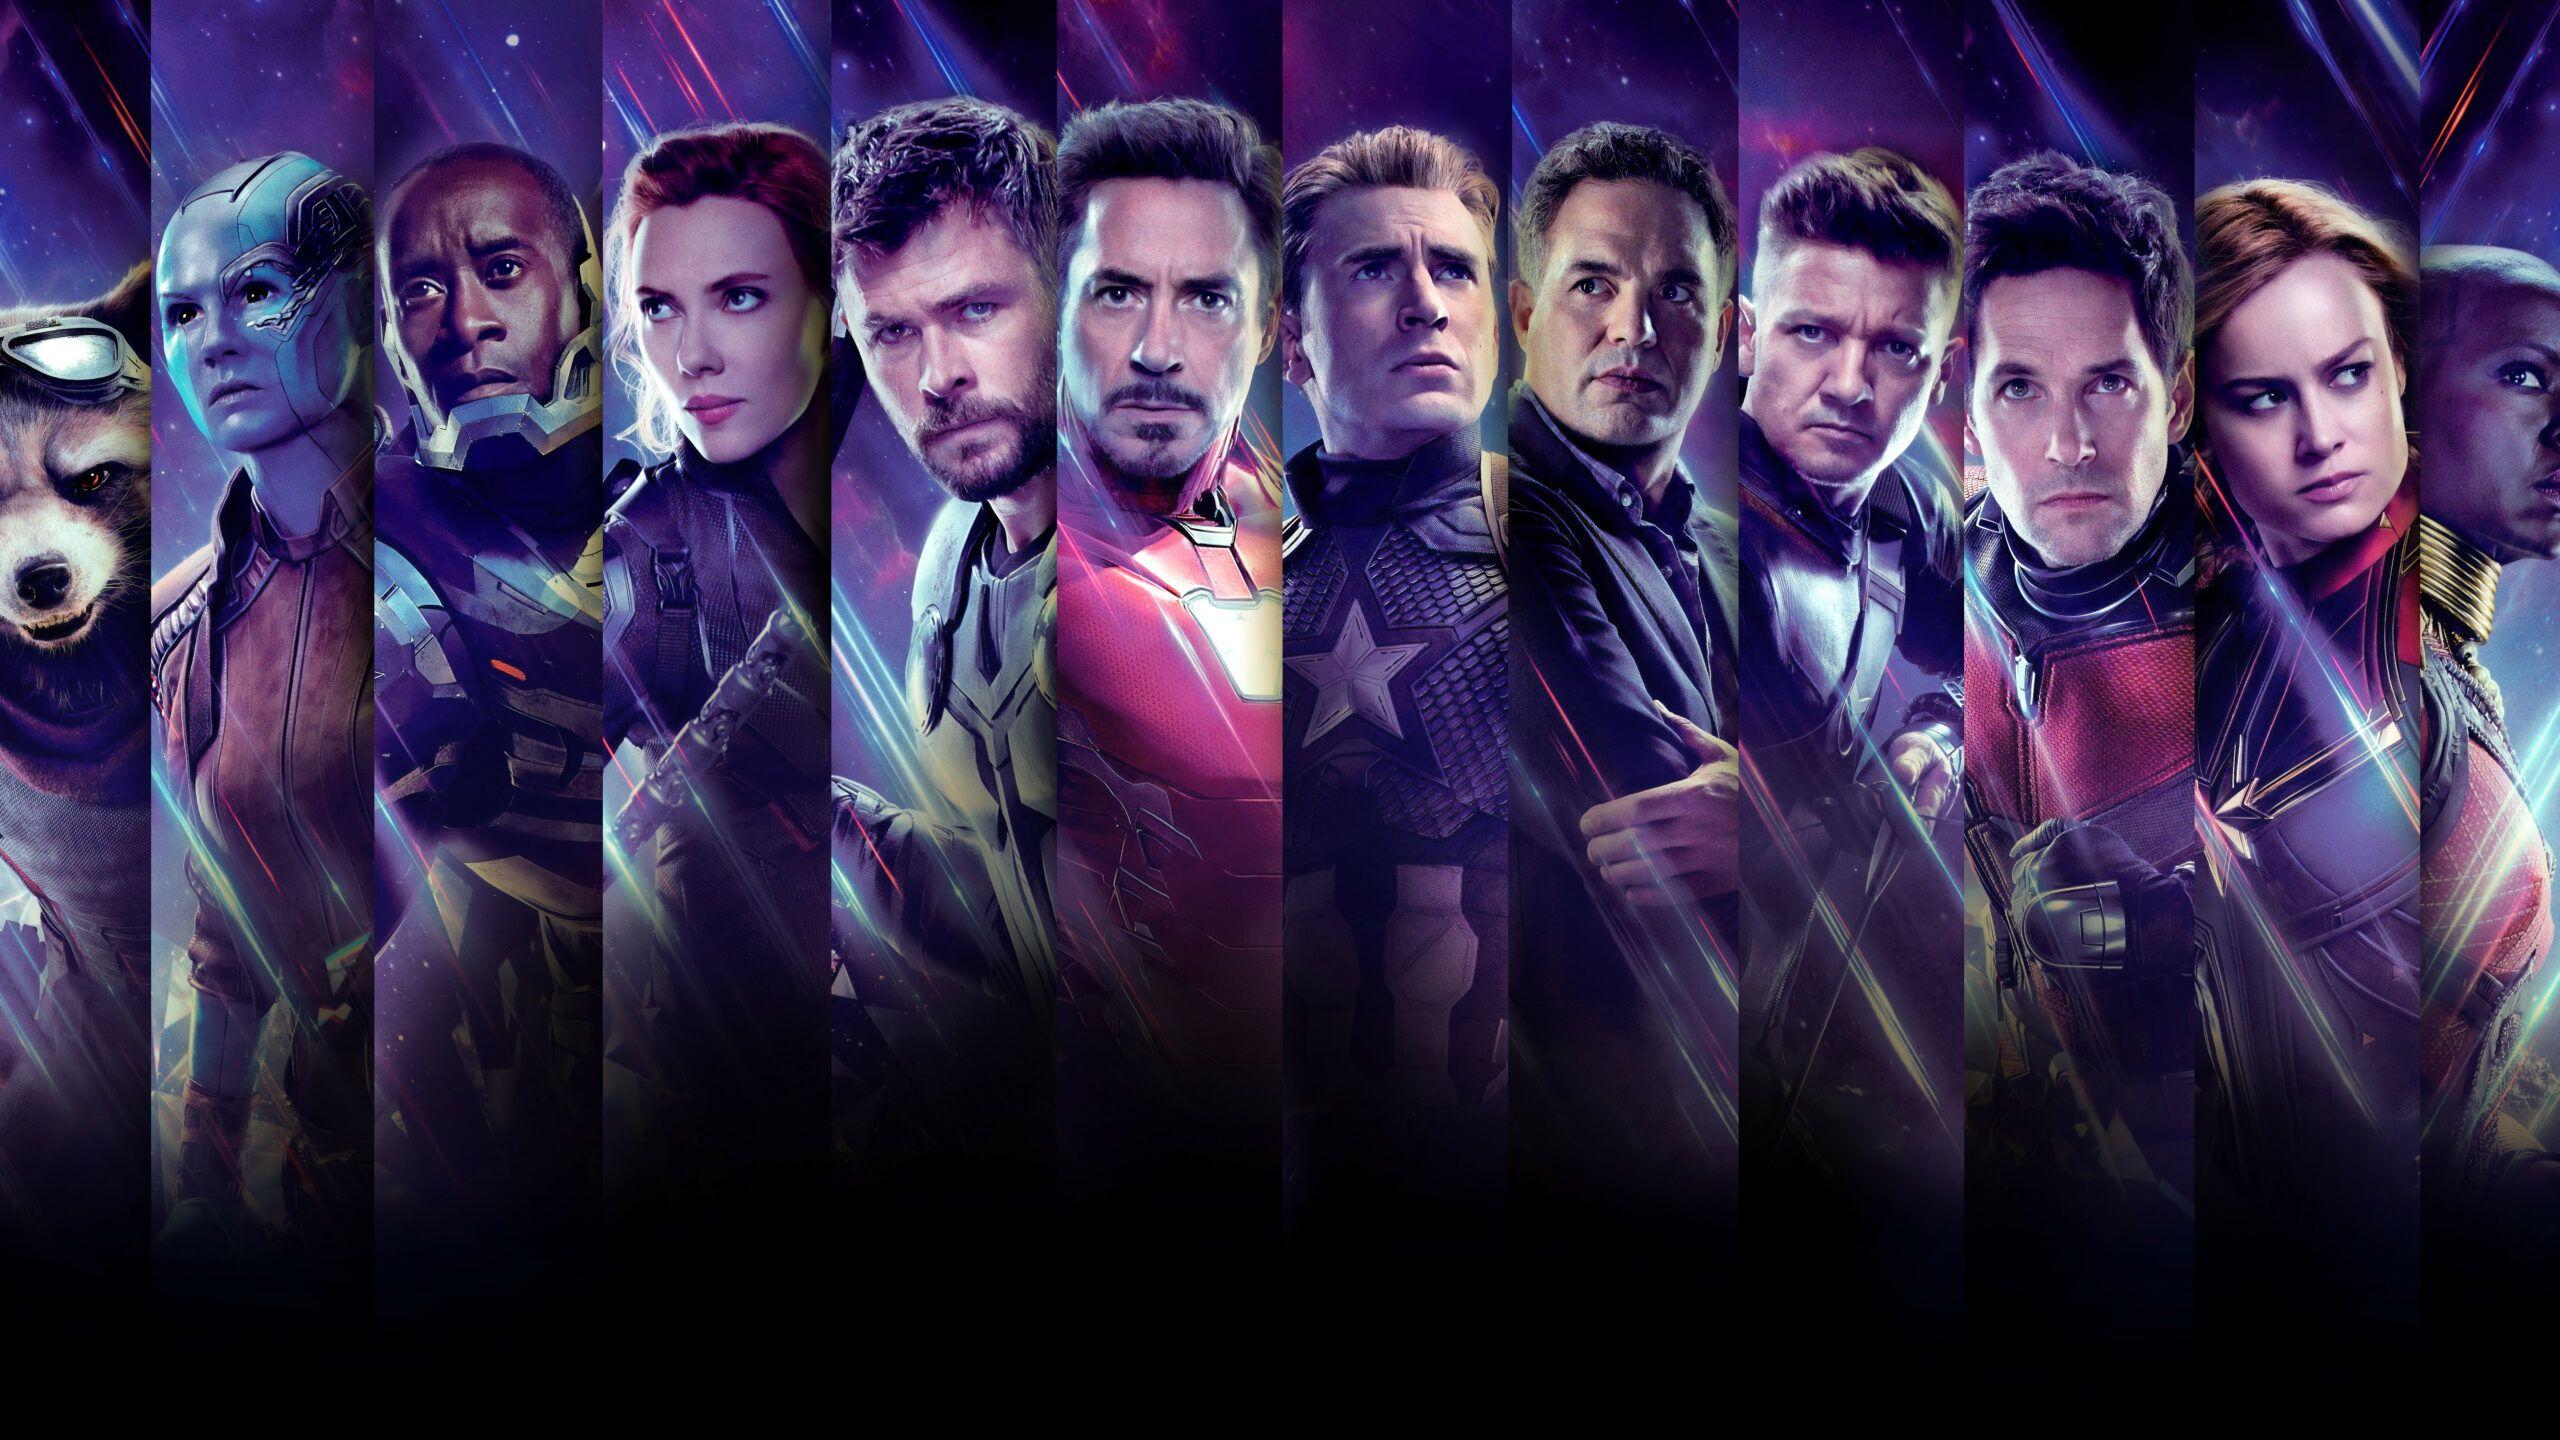 Fresh Download Avengers Endgame Desktop Wallpaper Captain America Wallpaper Okoye Marvel Avengers